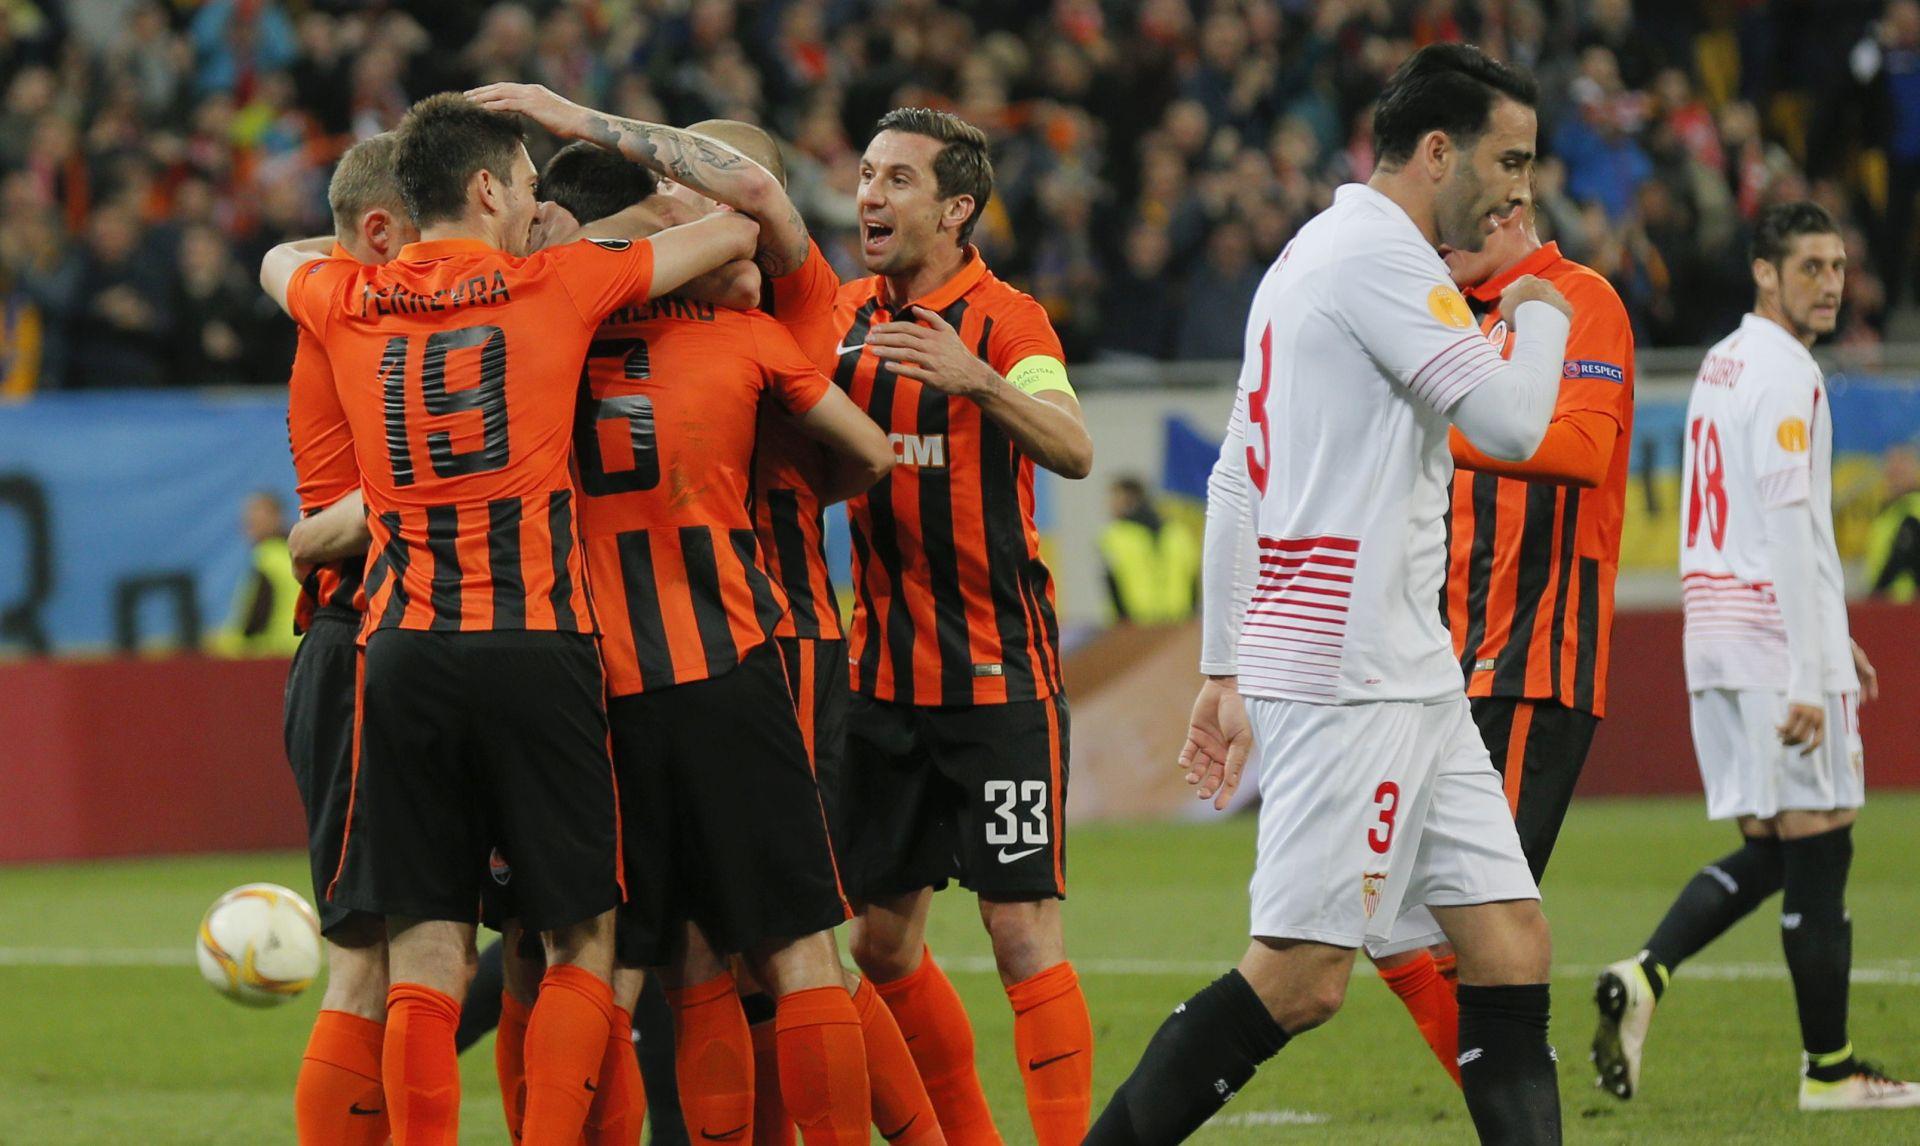 EUROPA LIGA Šahtar i Sevilla remizirali, Villareal u sudačkoj nadoknadi do pobjede nad Liverpoolom